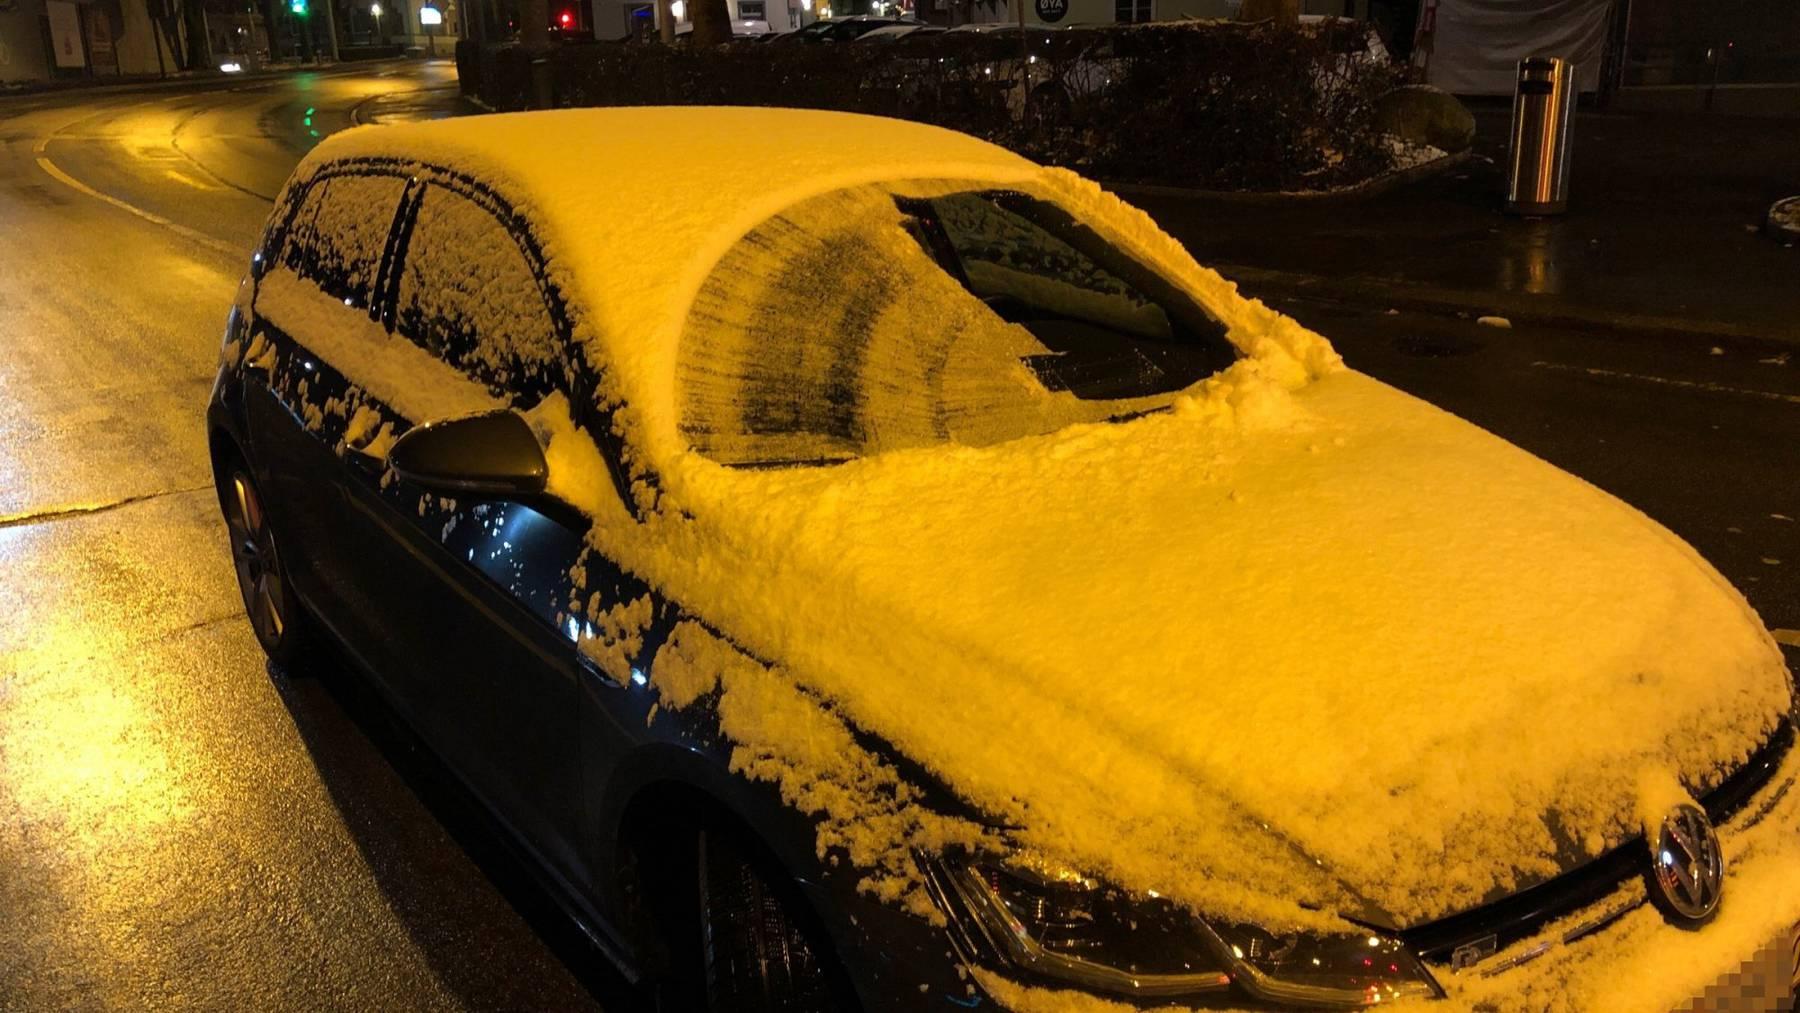 Dieses Auto hat deutlich zu viel Schnee und Eis auf den Scheiben.